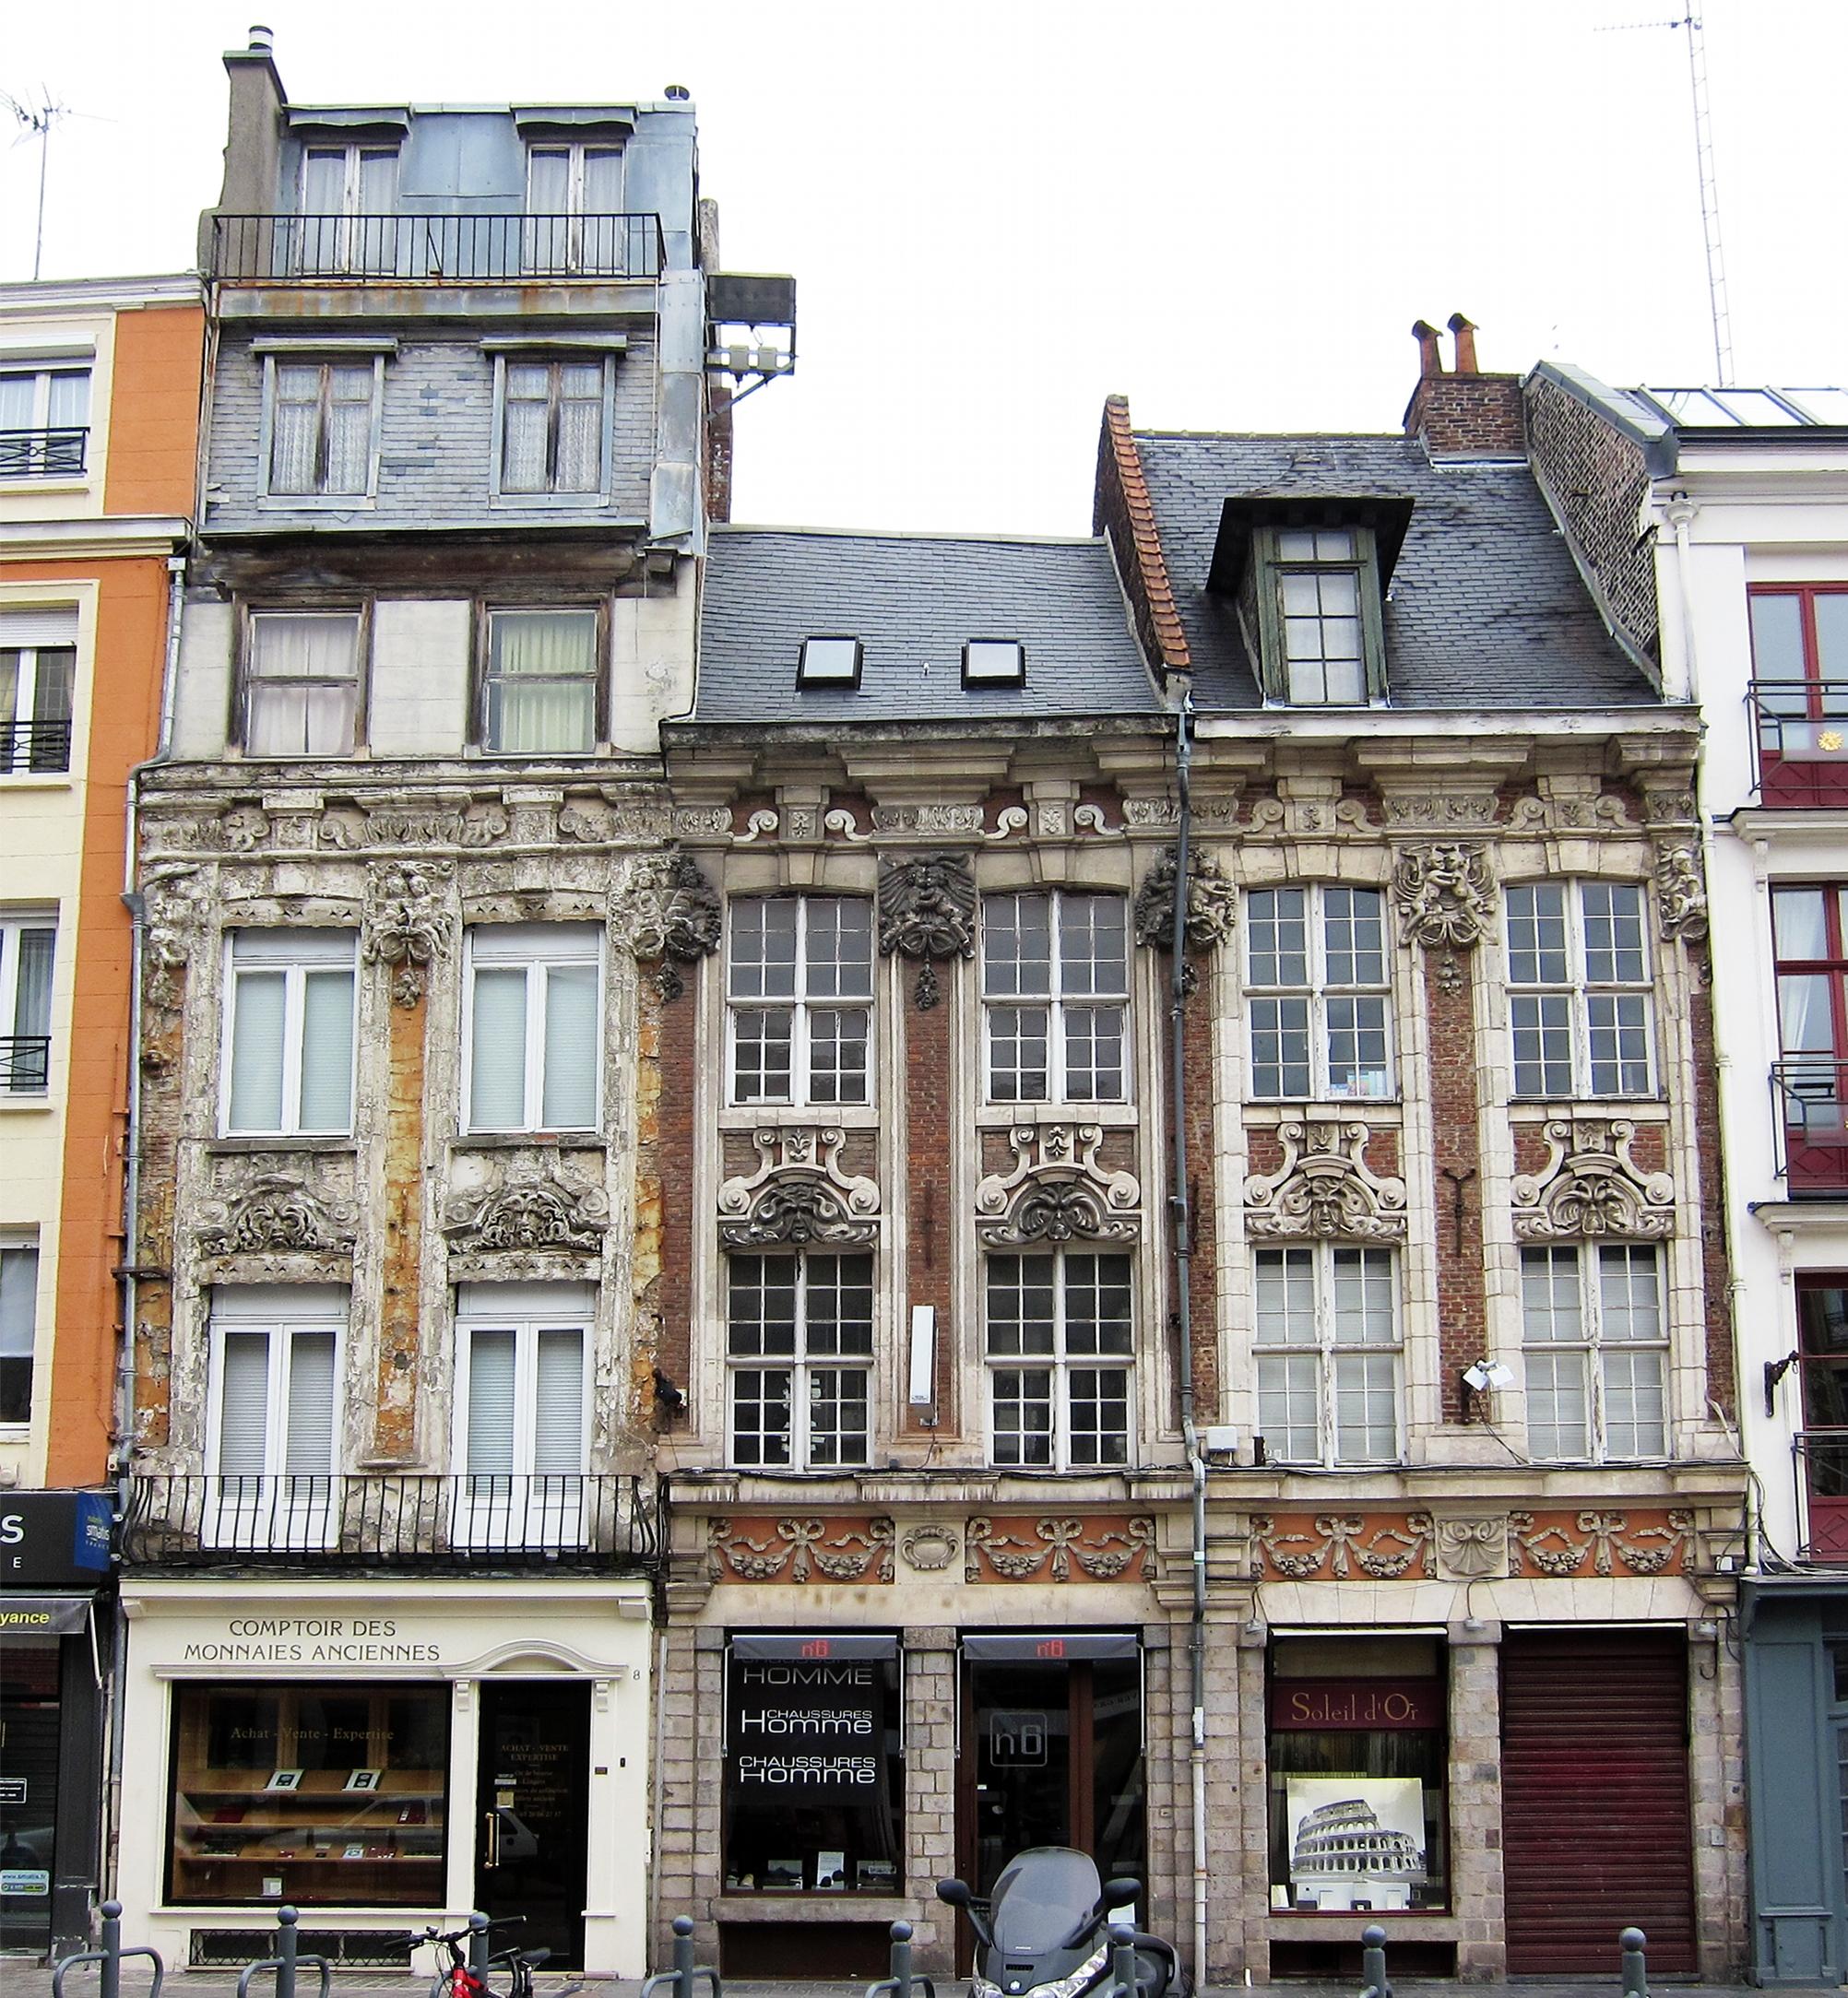 File lille 4 6 8 rue esquermoise jpg wikimedia commons - Magasin meuble lille rue esquermoise ...